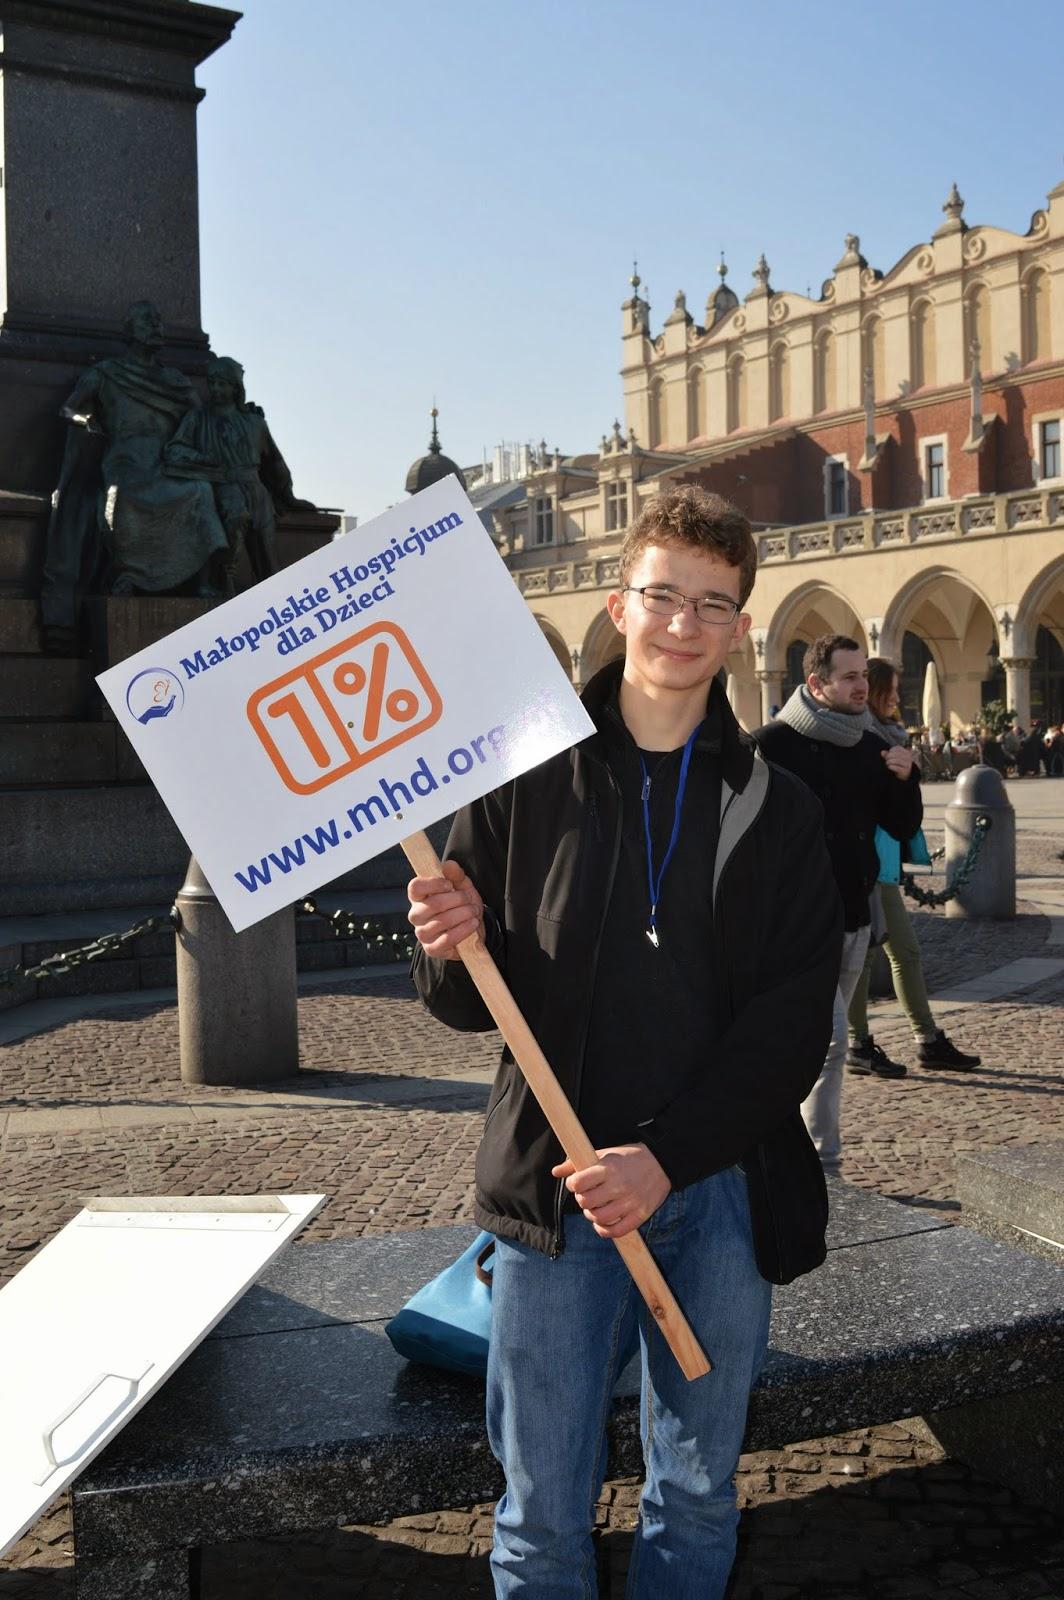 Fotorelacja z happeningu MHD 13.02.2015 w Krakowie  Foto: Izabela Piszczek